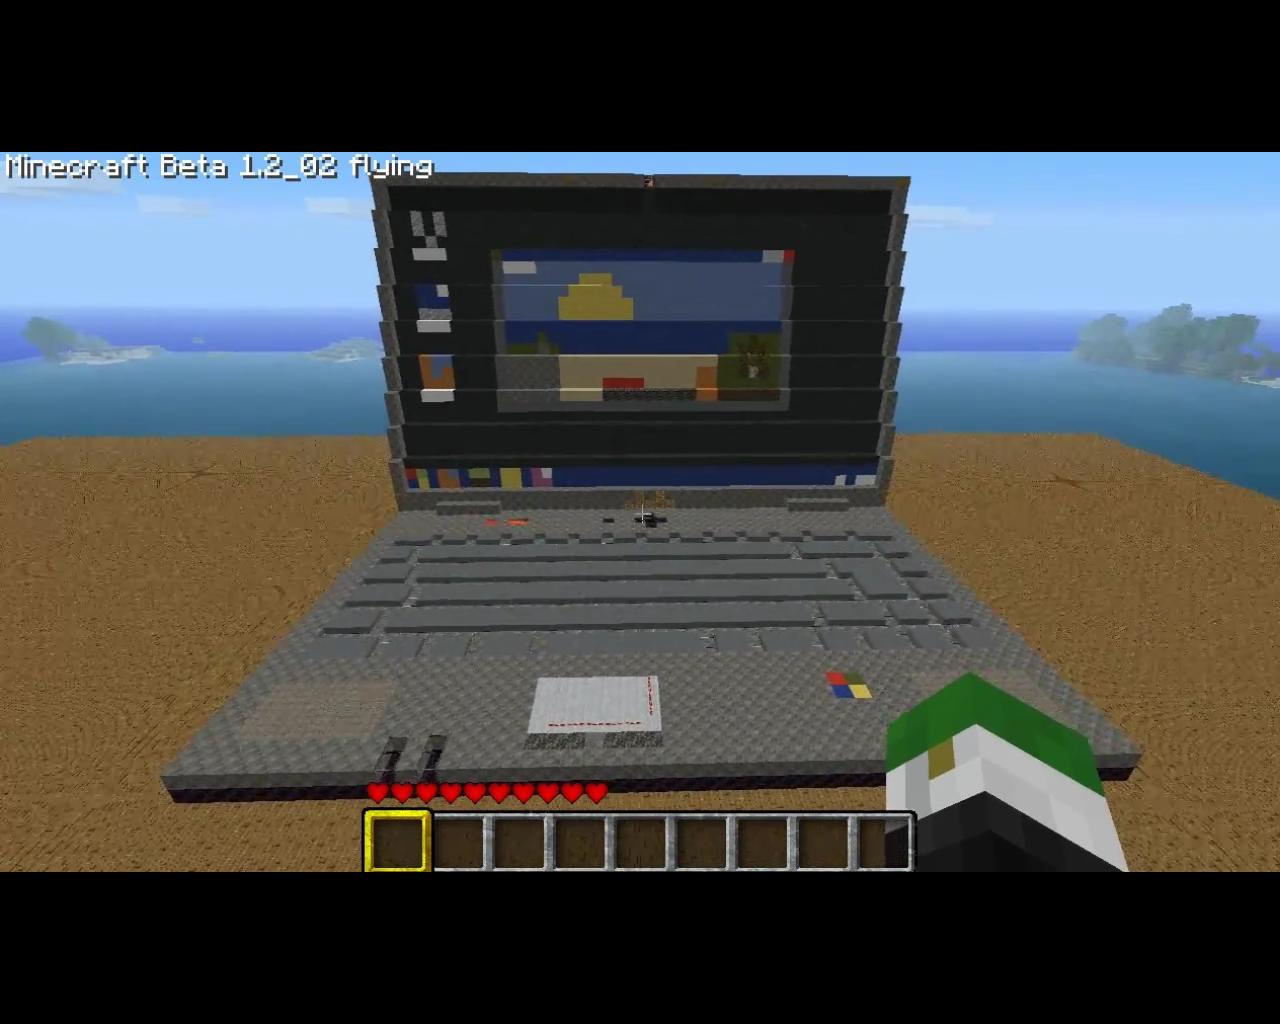 как сделать ночбук в майнкрафте 1.7.4 final на ноутбуке видео #1